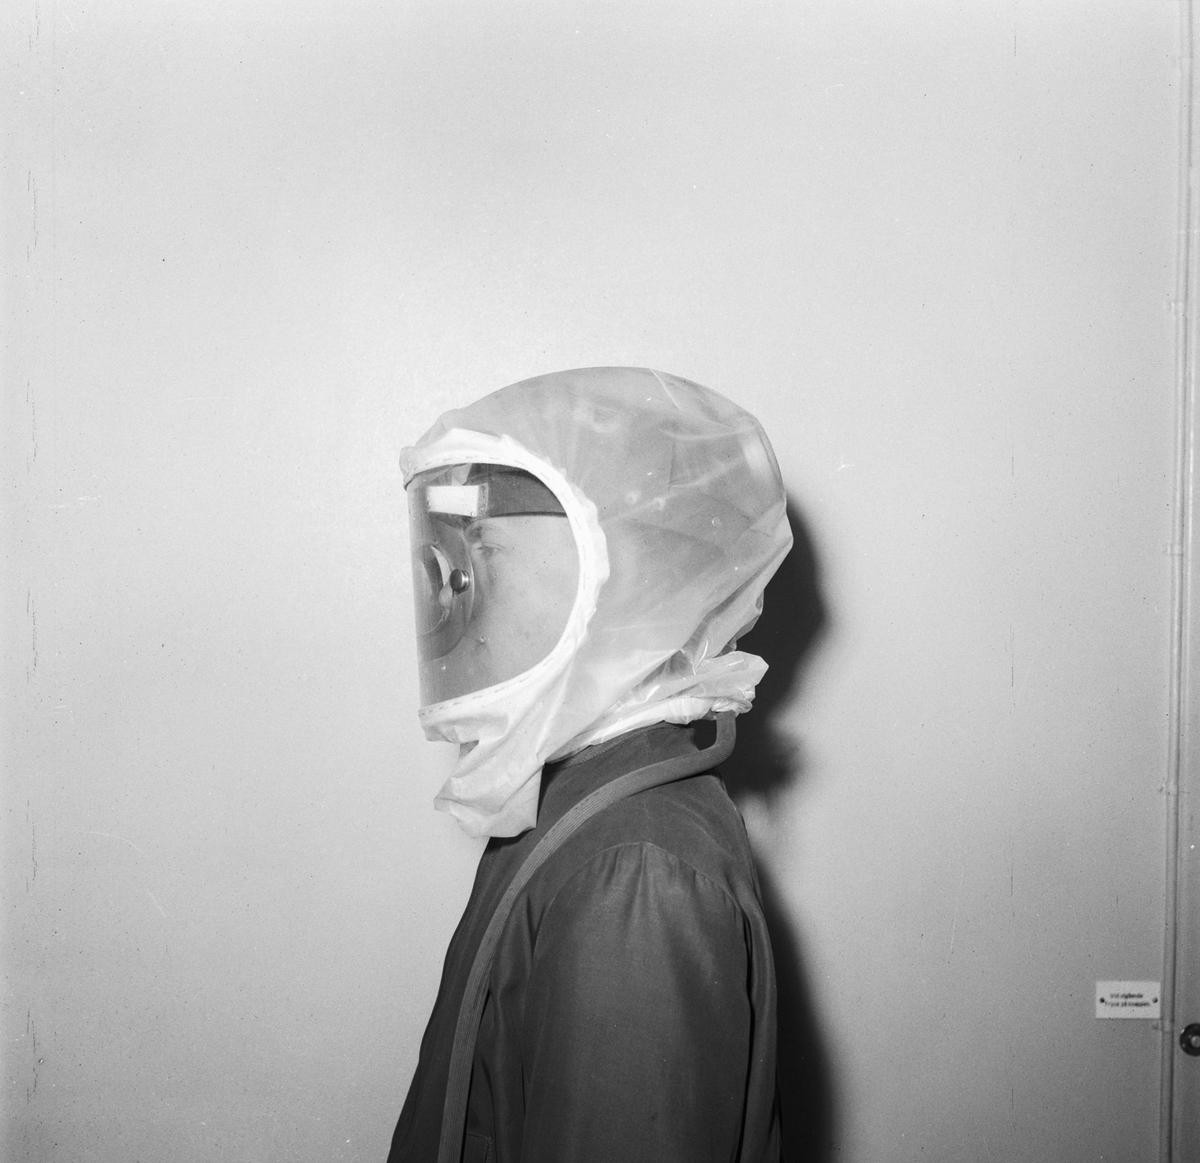 Övrigt: Foto datum: 12/5 1953 Byggnader och kranar Skyddsmask för sprutmålning